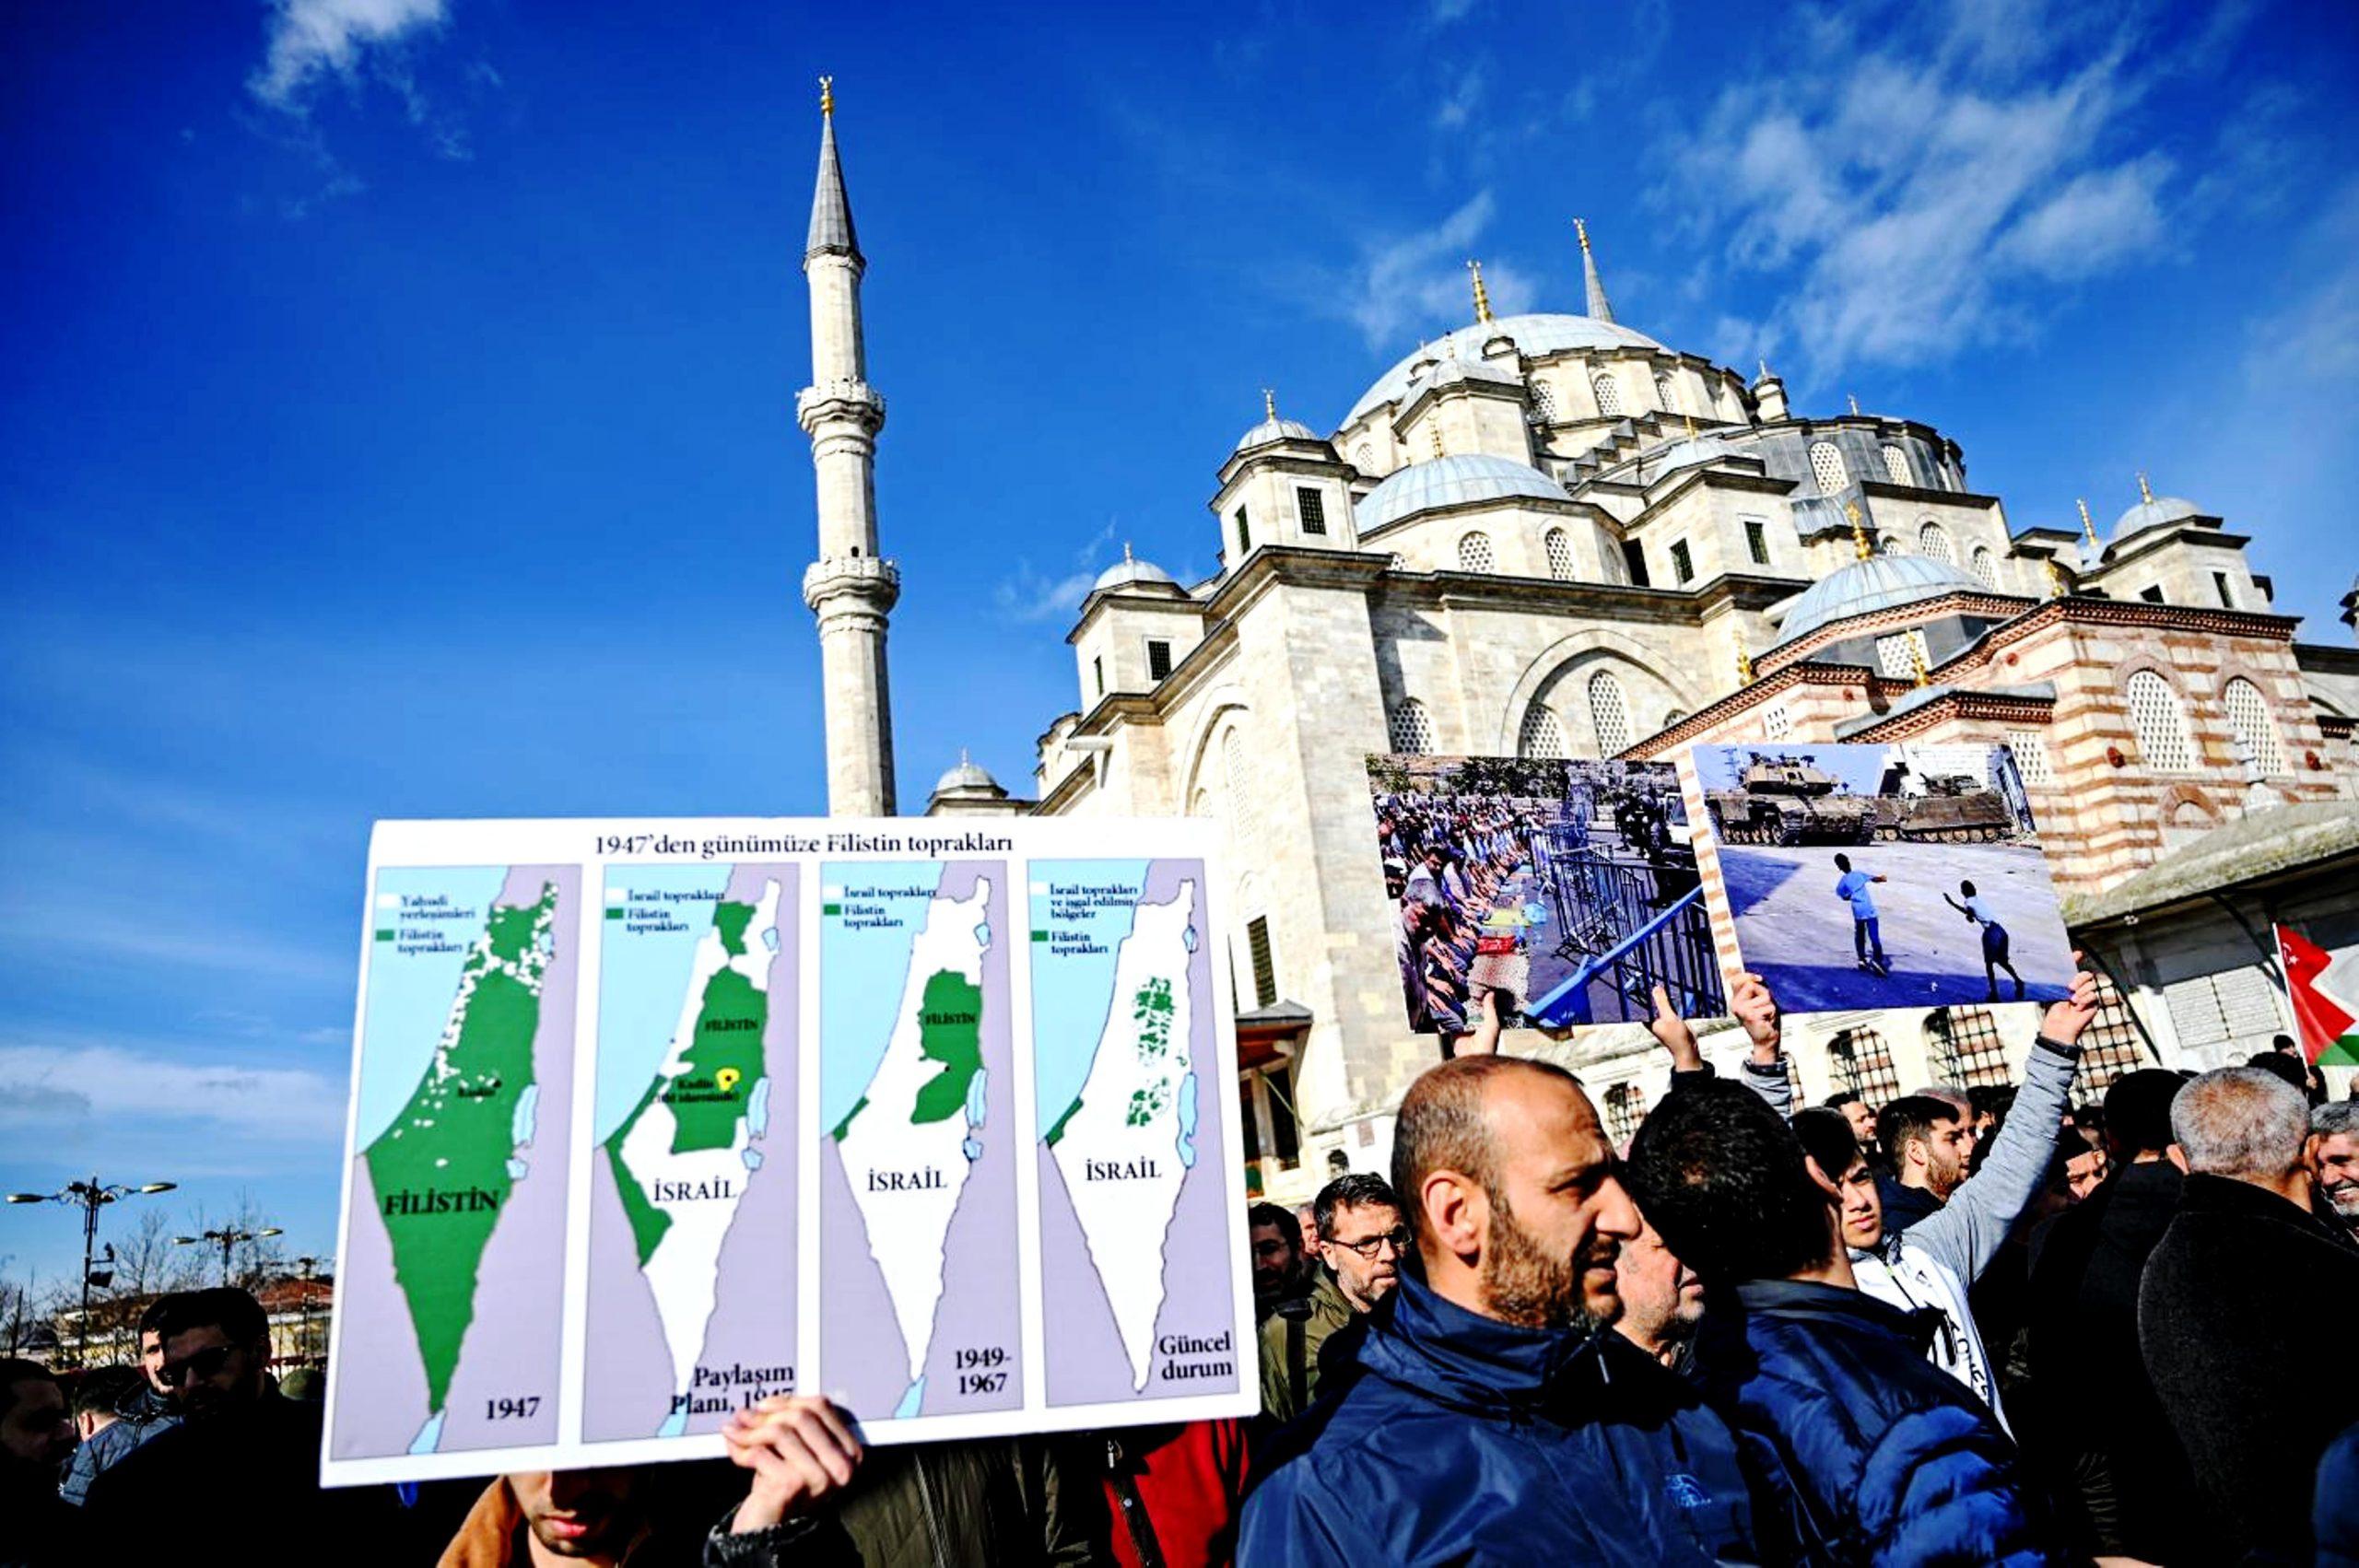 Γλυκόπικρα Αισθήματα Ισραήλ και Τουρκίας: Εταίρος ή Αντίπαλος;